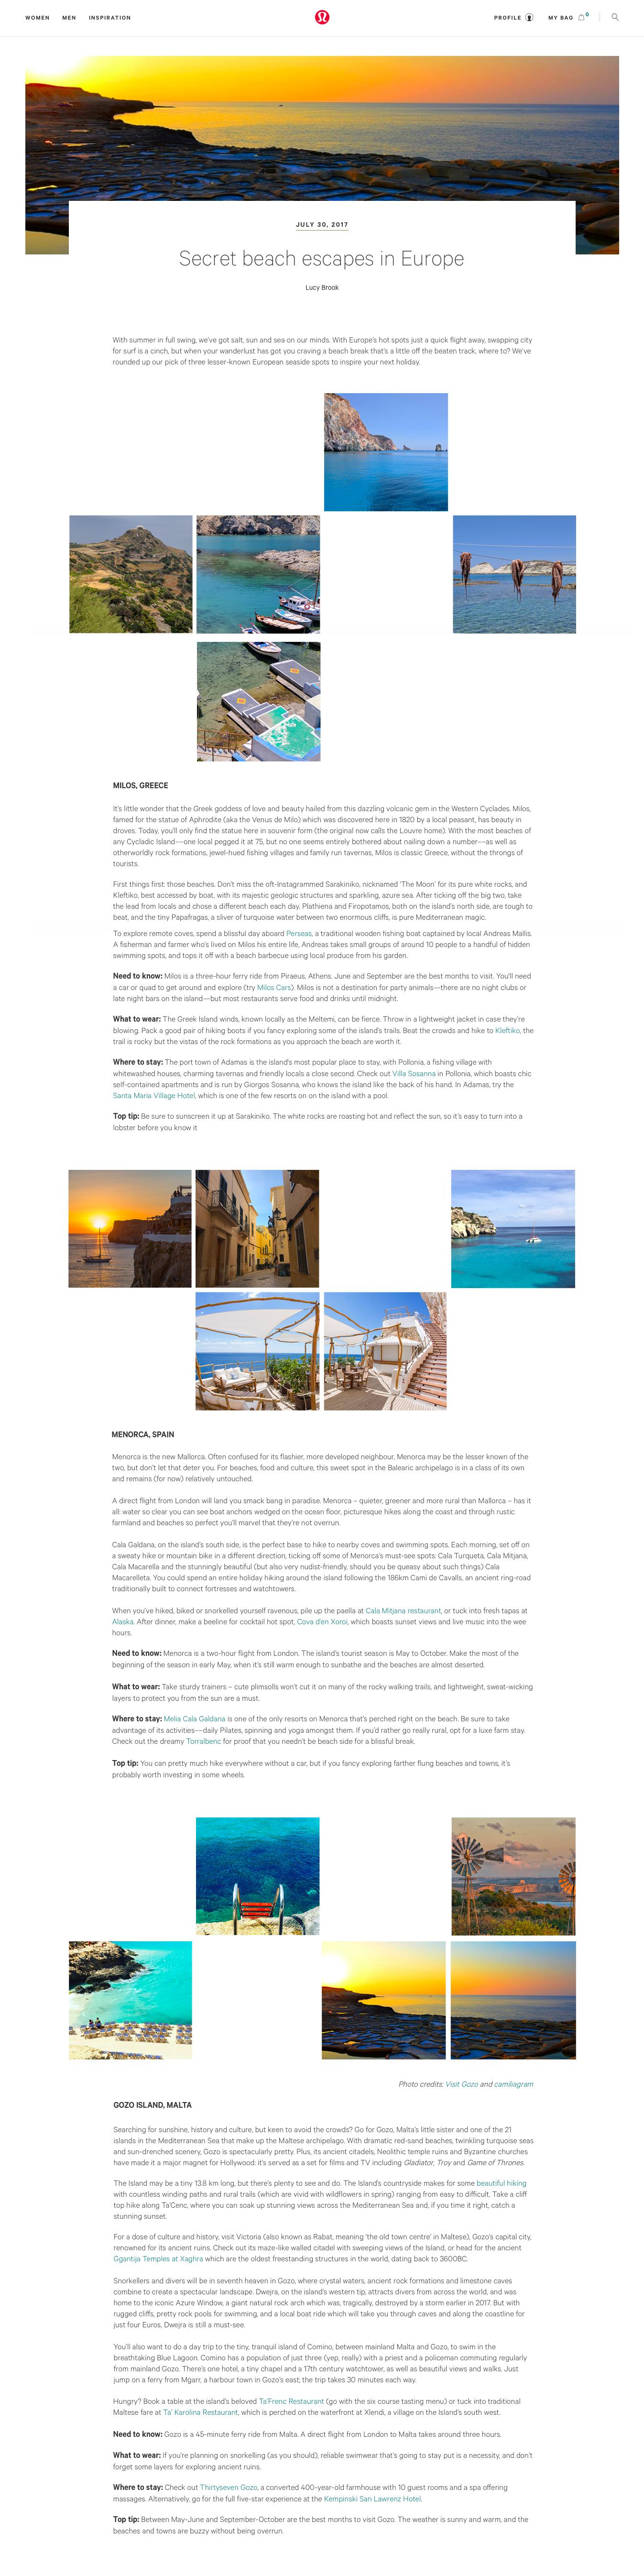 Lululemon Travel Story.jpg